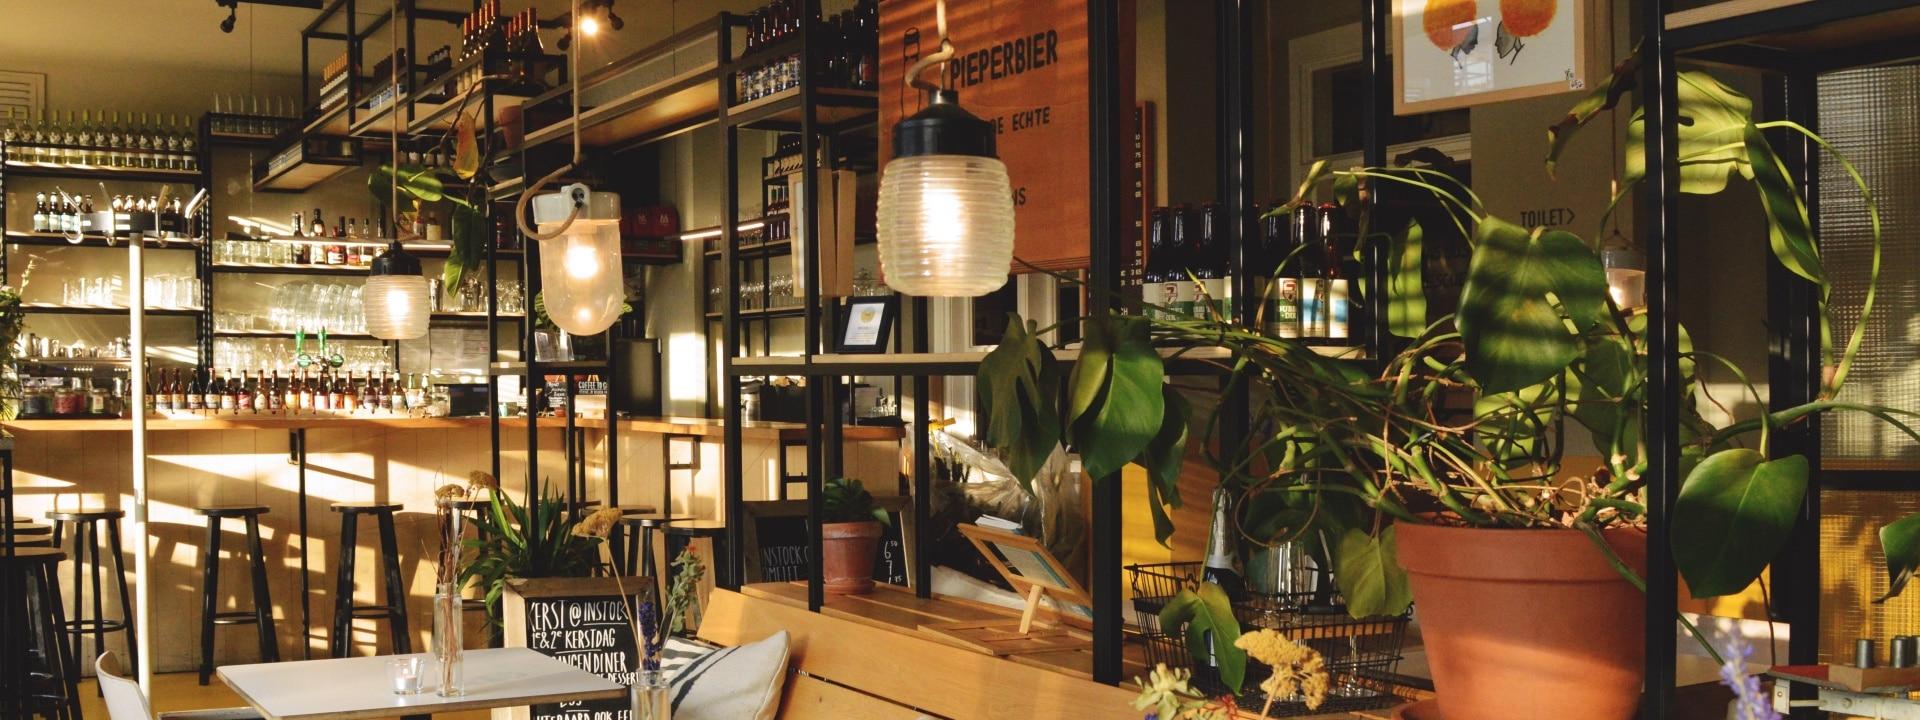 instock-restaurant-03